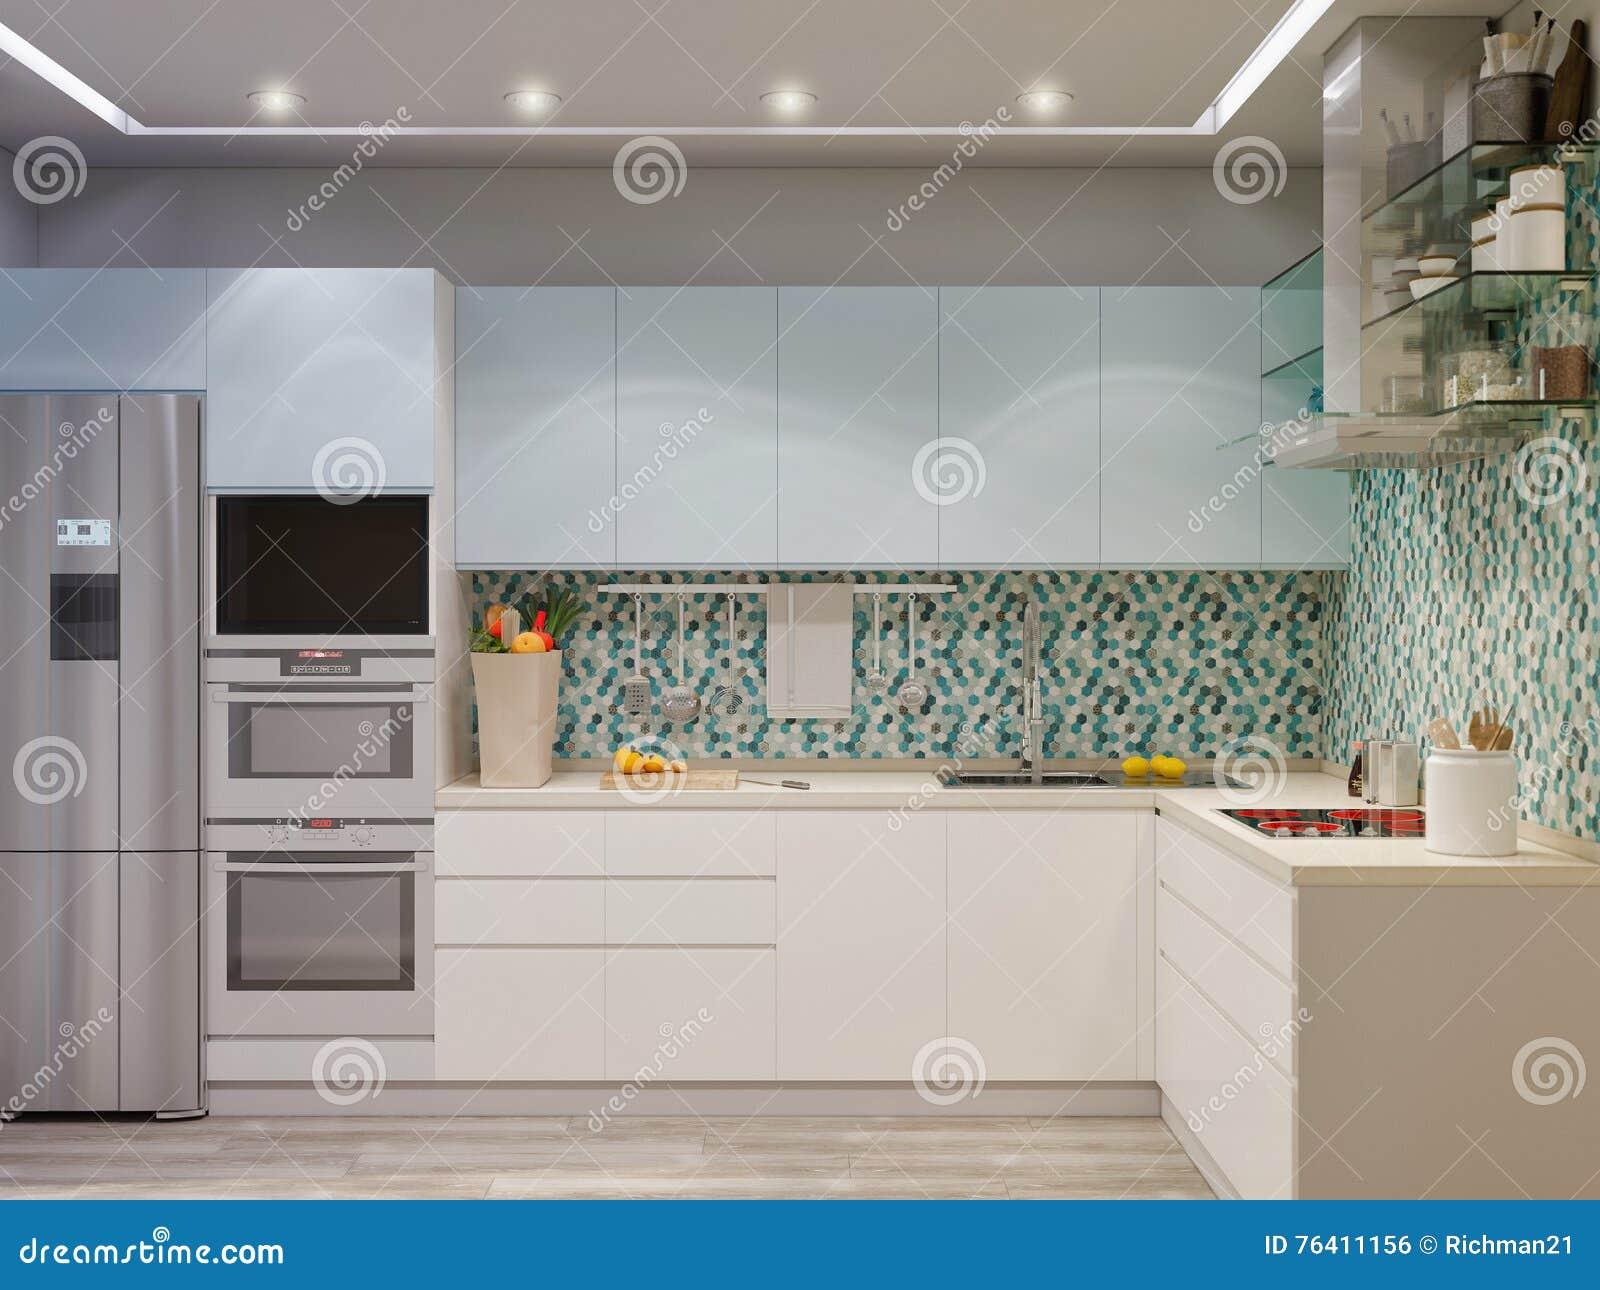 Disegna cucina 3d beautiful disegnare cucina d awesome - Disegnare una cucina in muratura ...